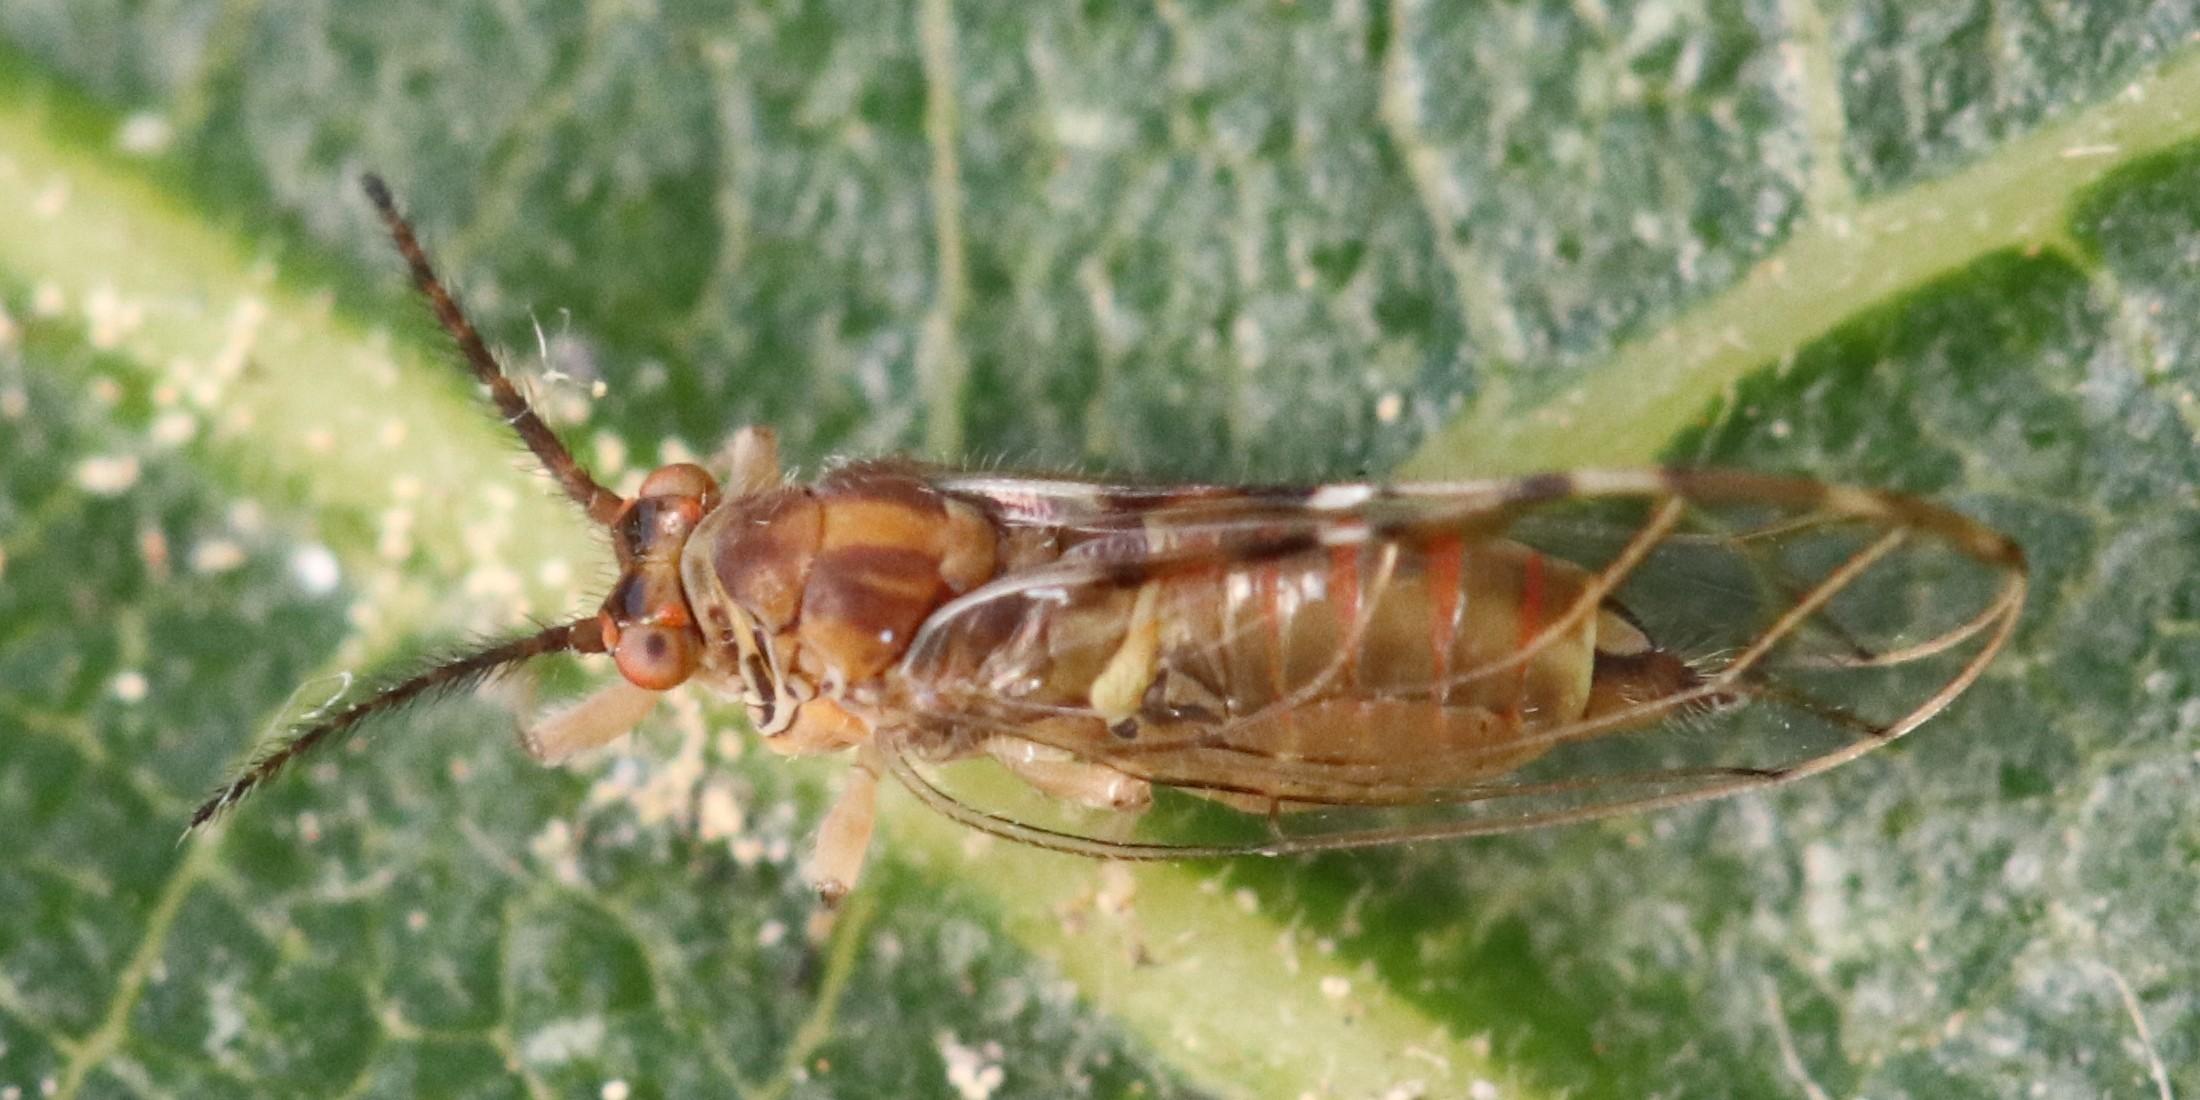 Homotoma ficus